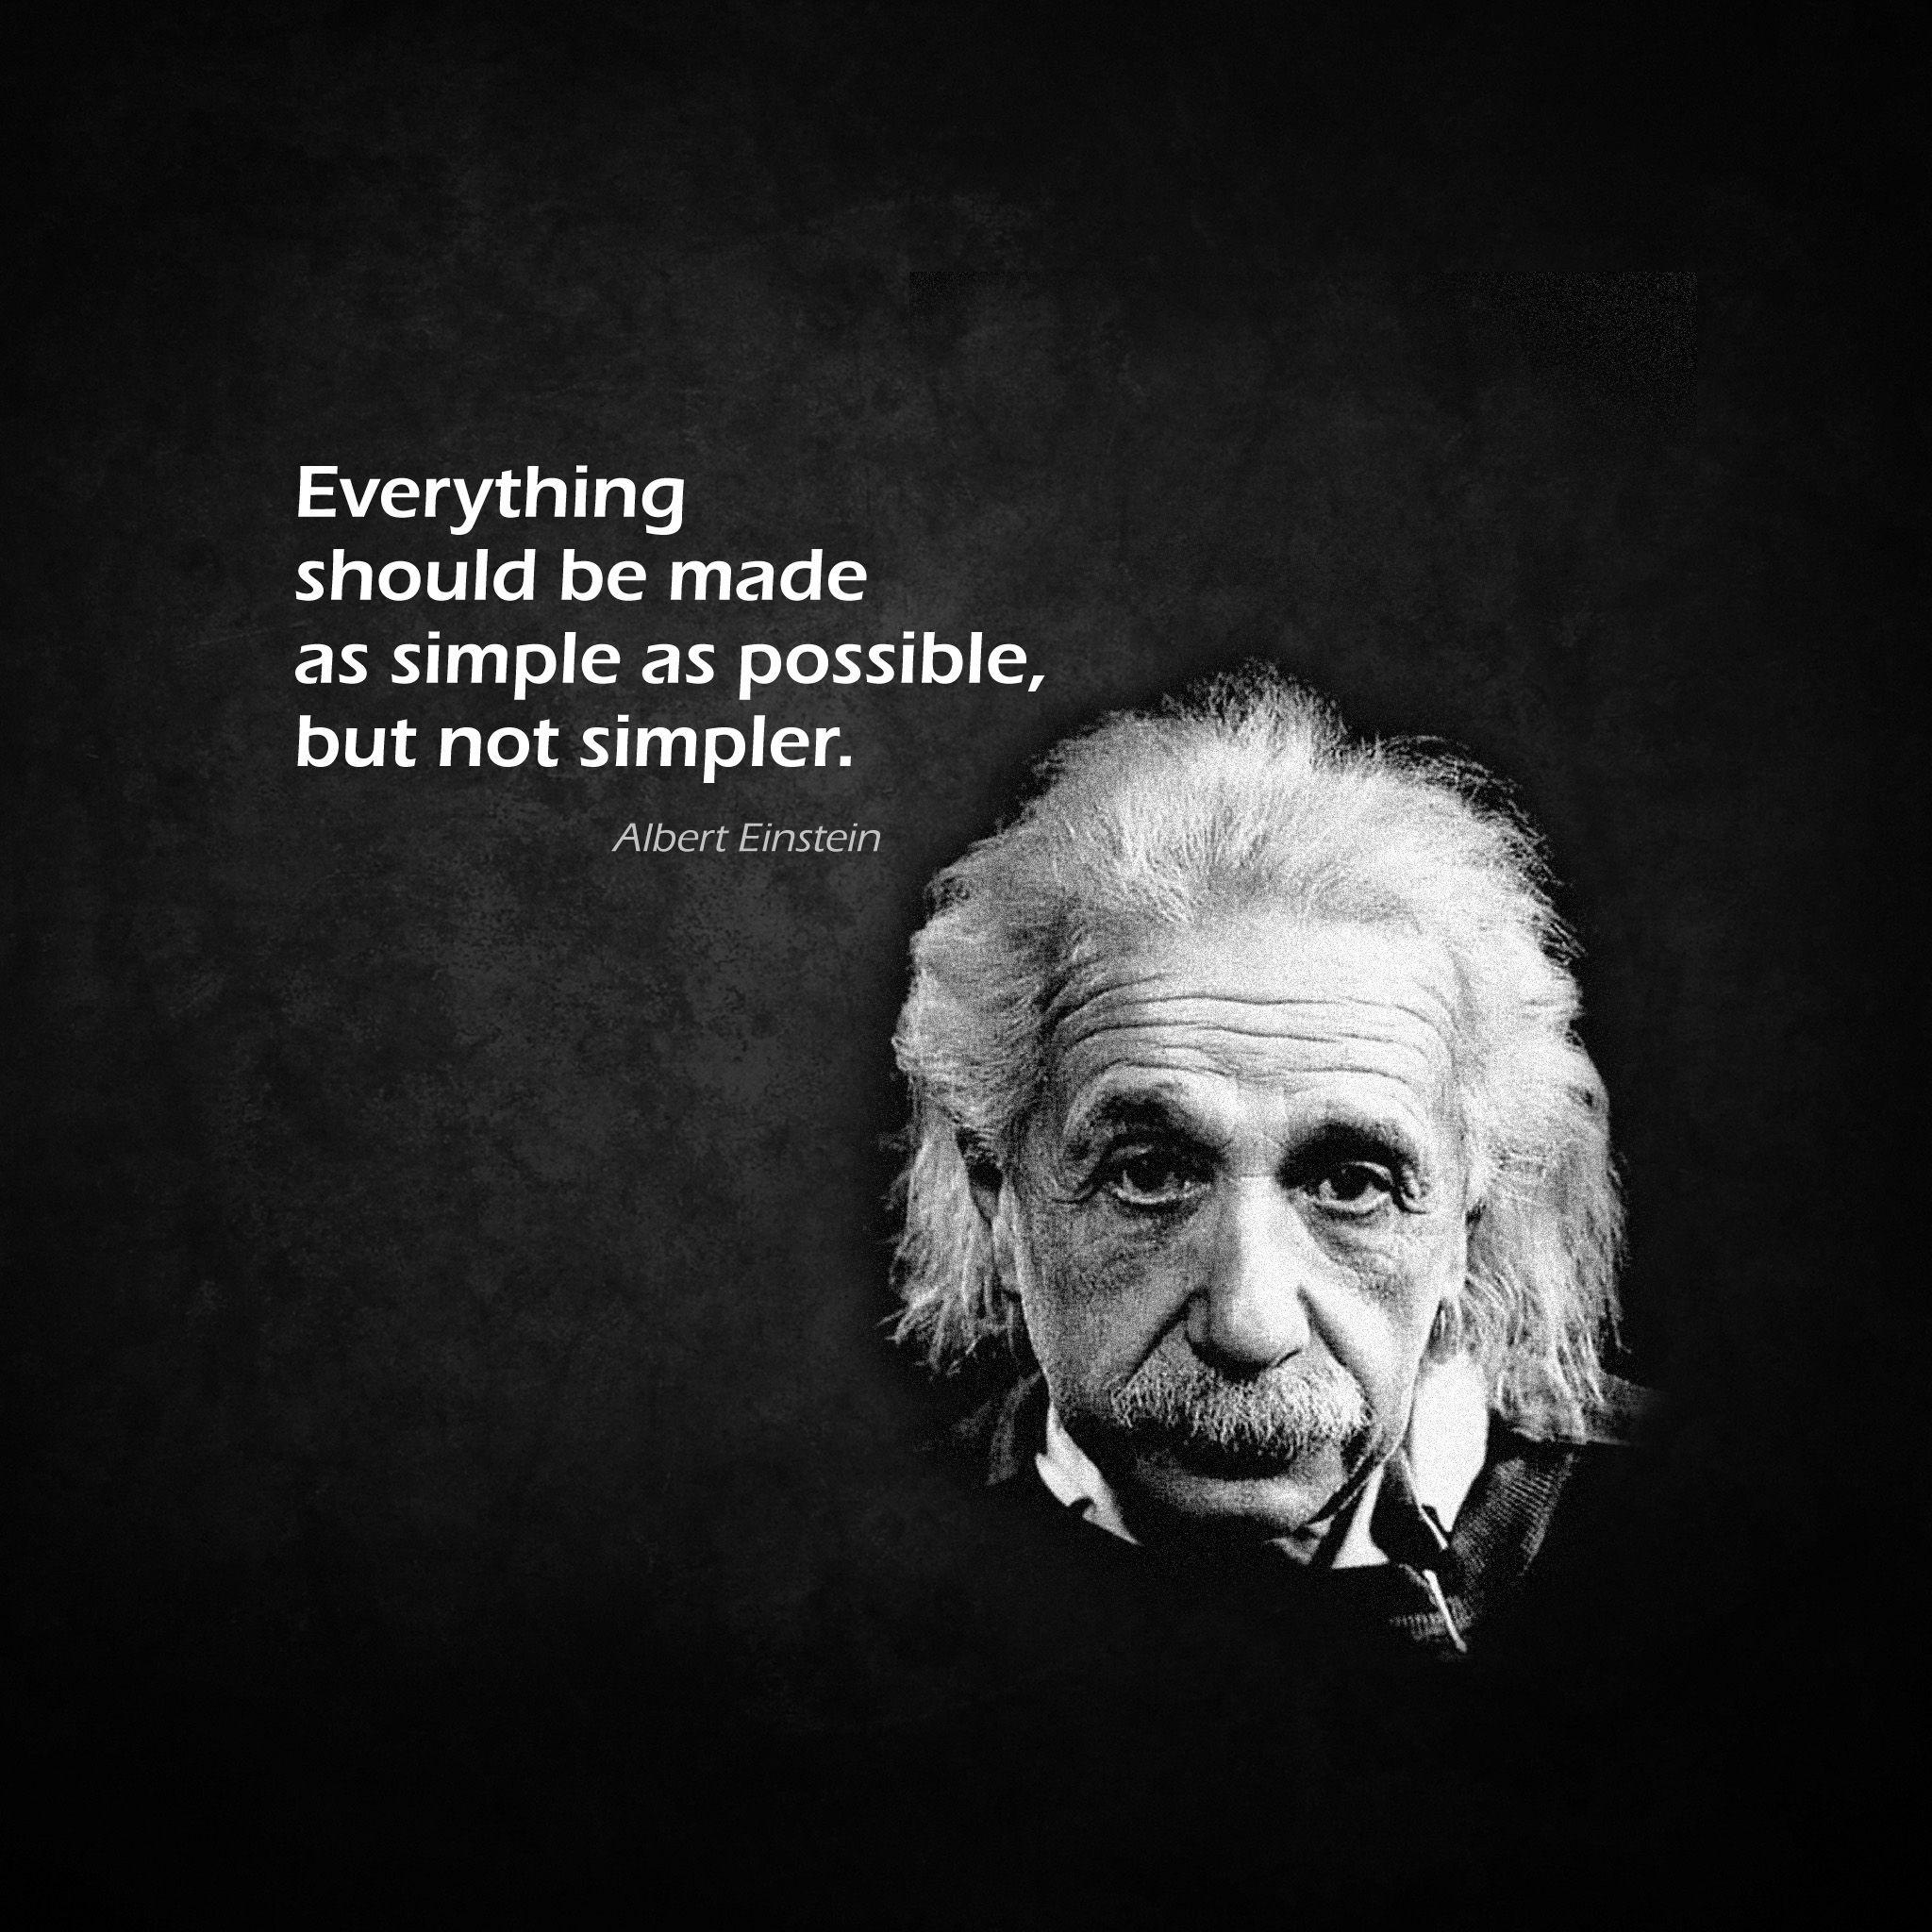 Albert Einstein Inspirational Quotes Dream It Plan It Do